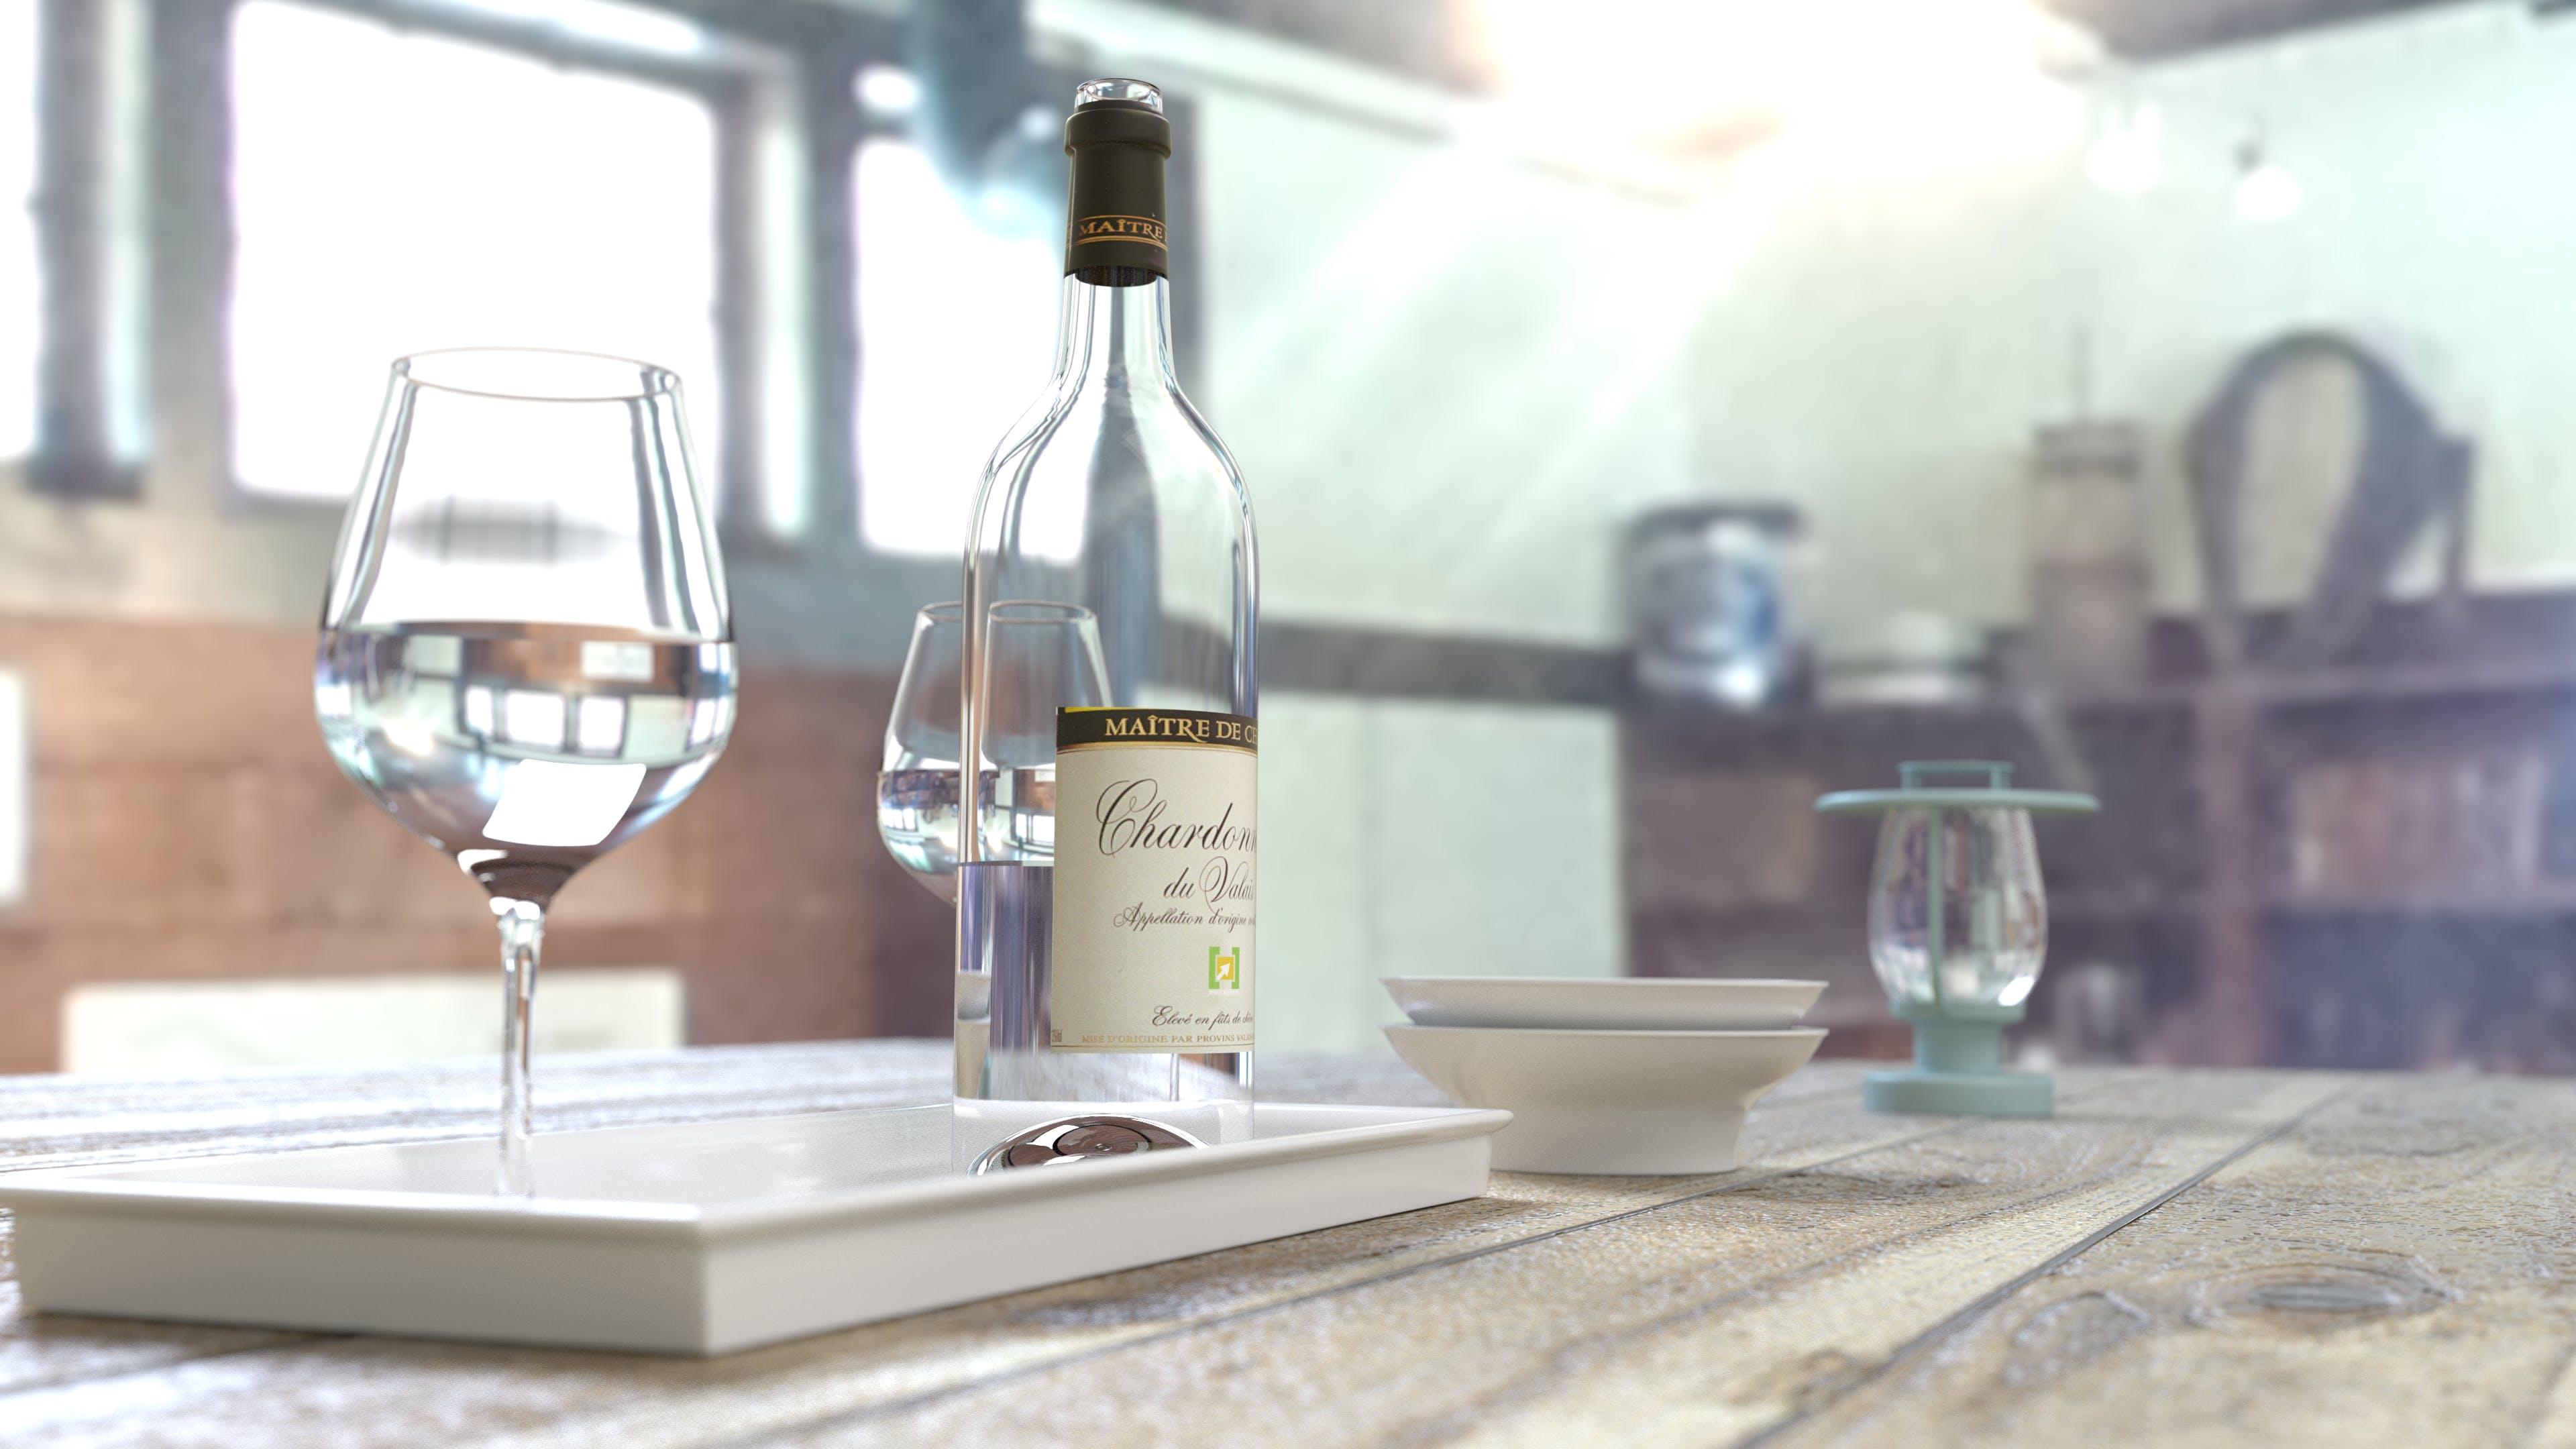 瓶子, 藤蔓, 酒瓶, 酒精 的 免费素材照片